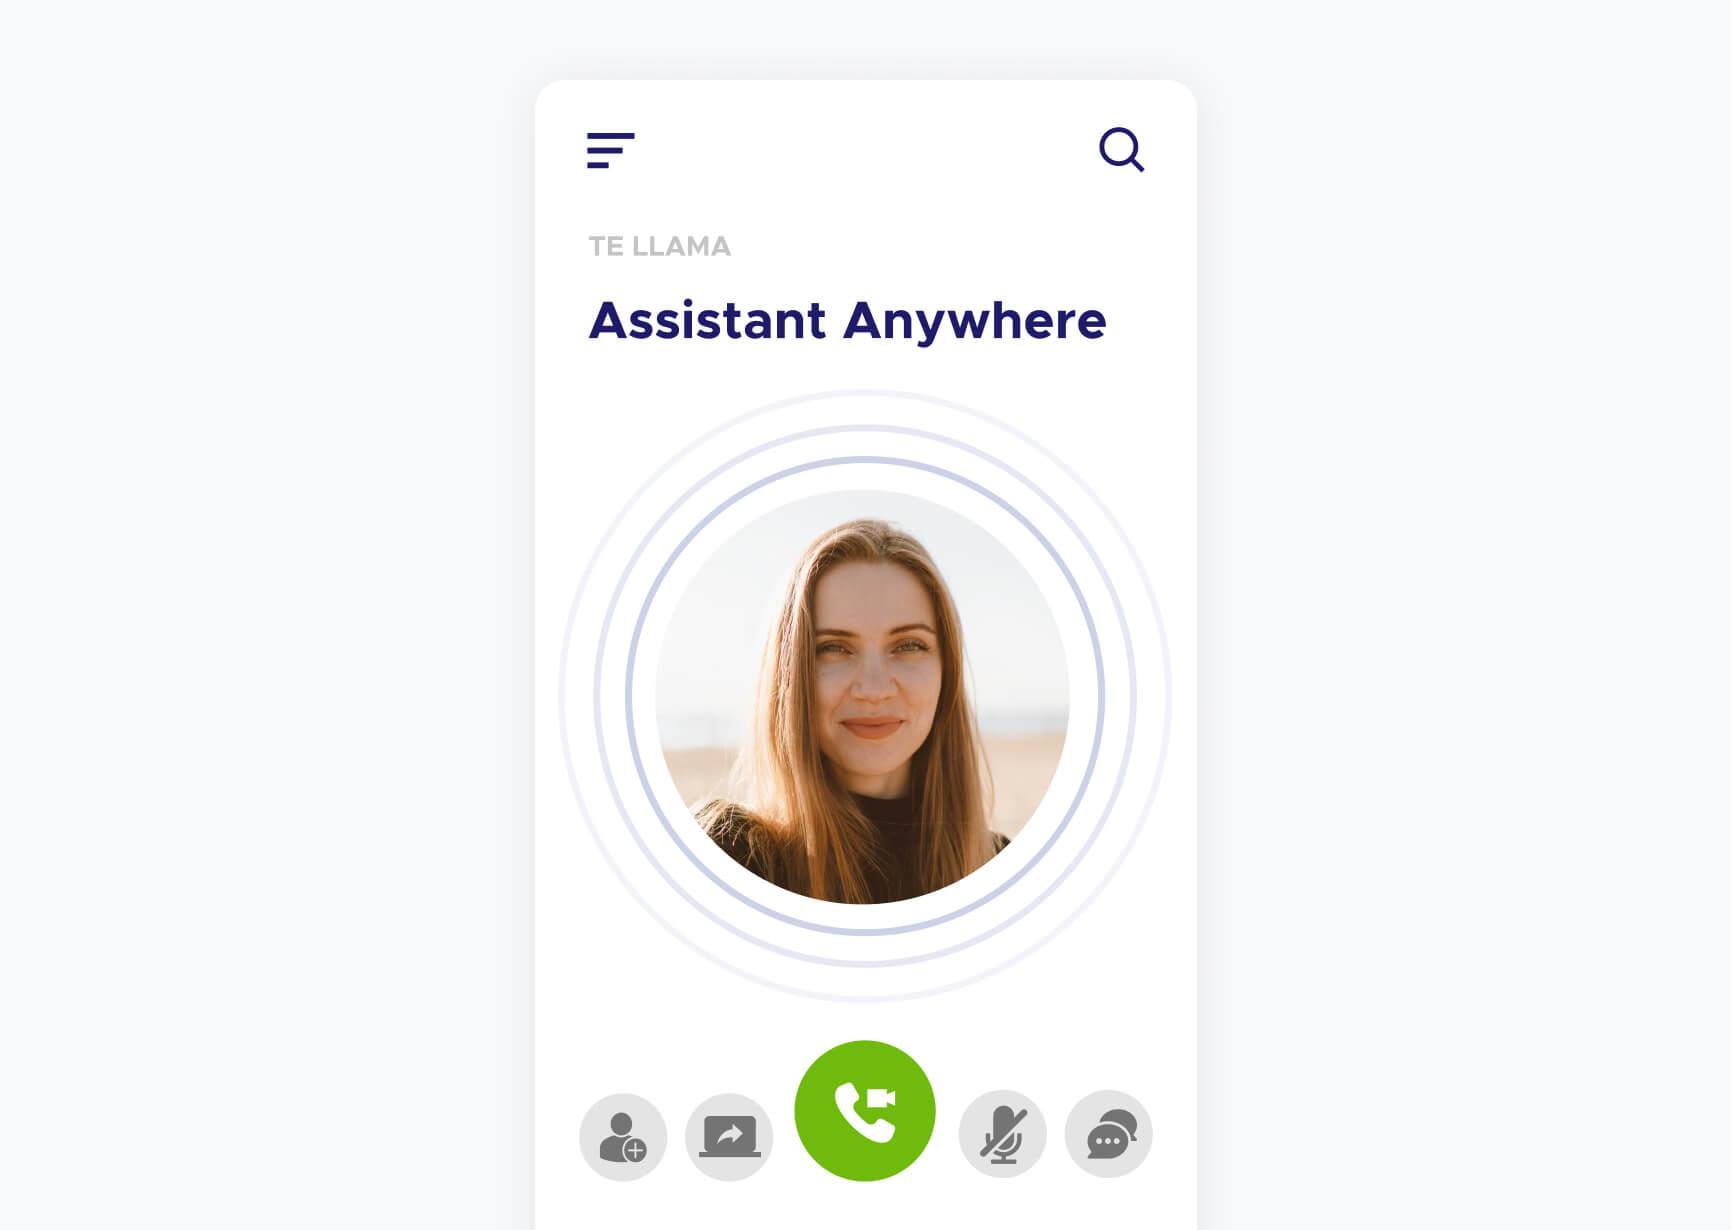 Simulación de una video llamada de la aplicación Assistant Anywhere